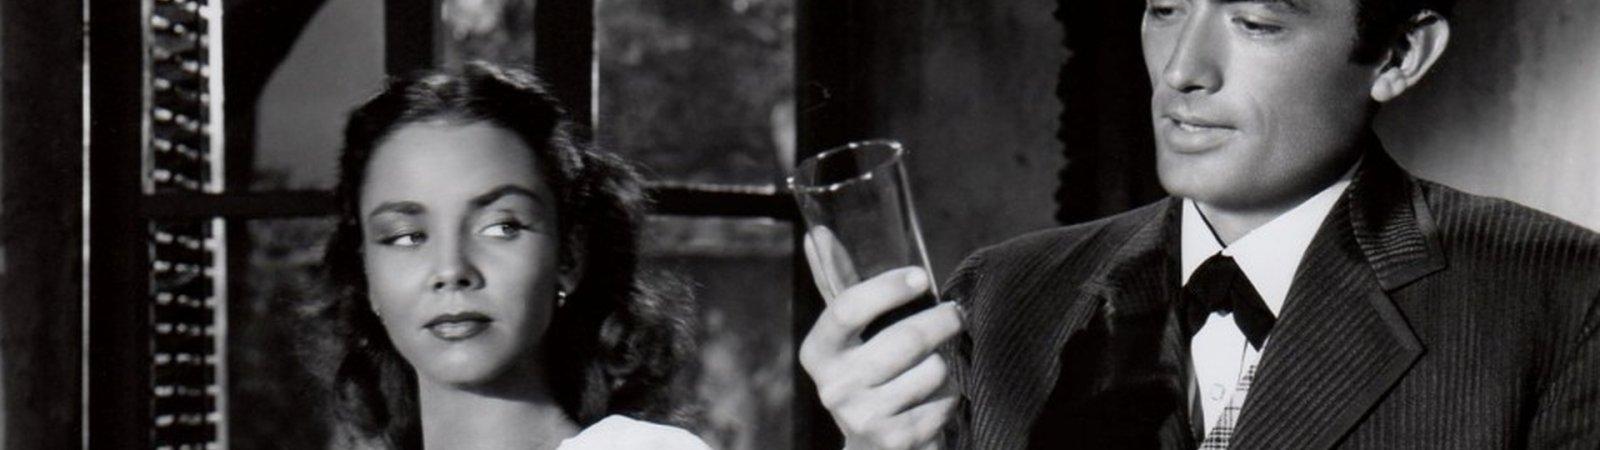 Photo dernier film Jean-Jacques Aublanc